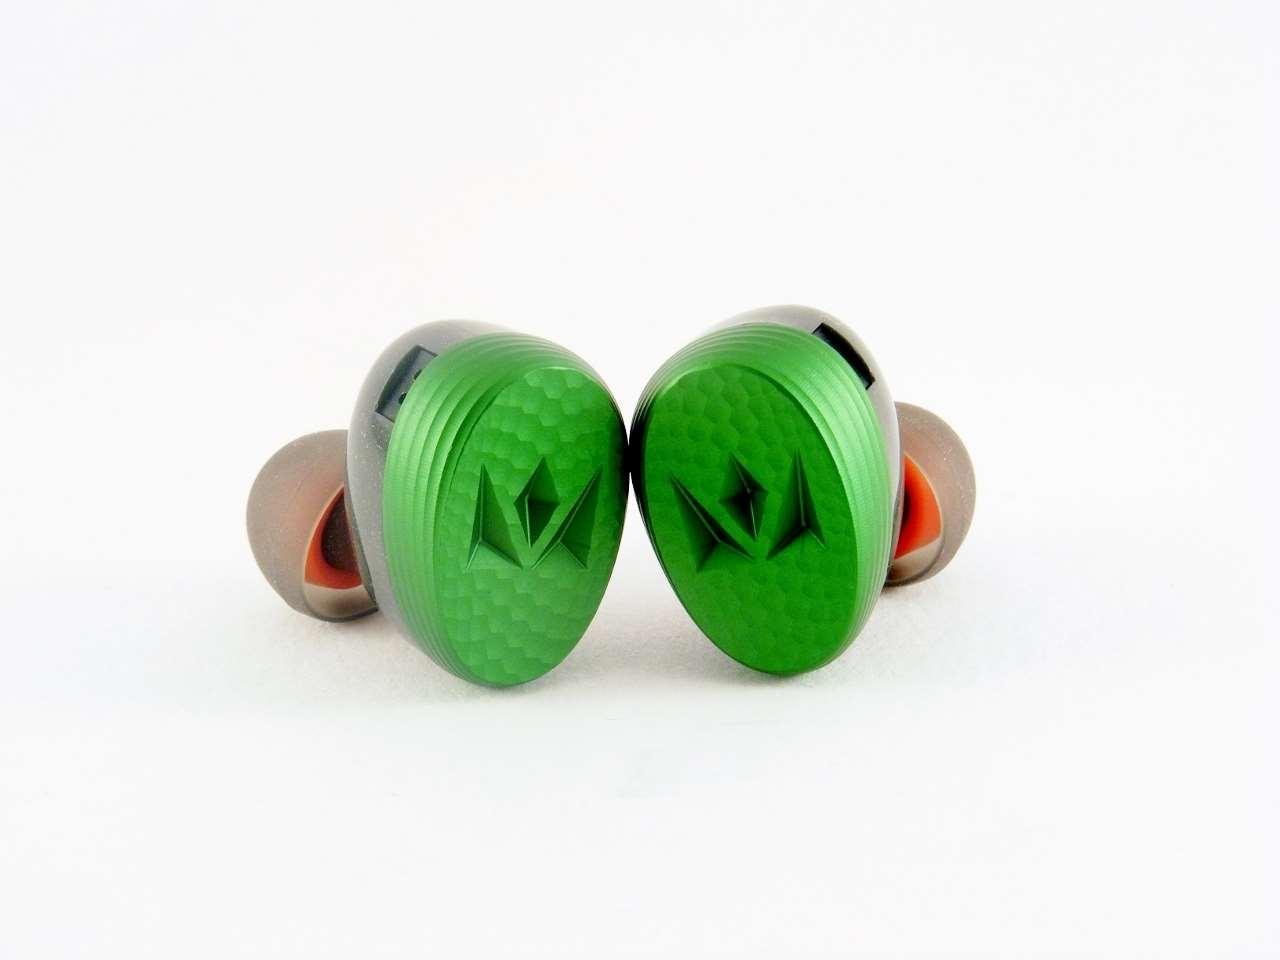 c26e1eda038a Galerie - Noble Audio Sage  vstupte do nejvyšší třídy  test sluchátek